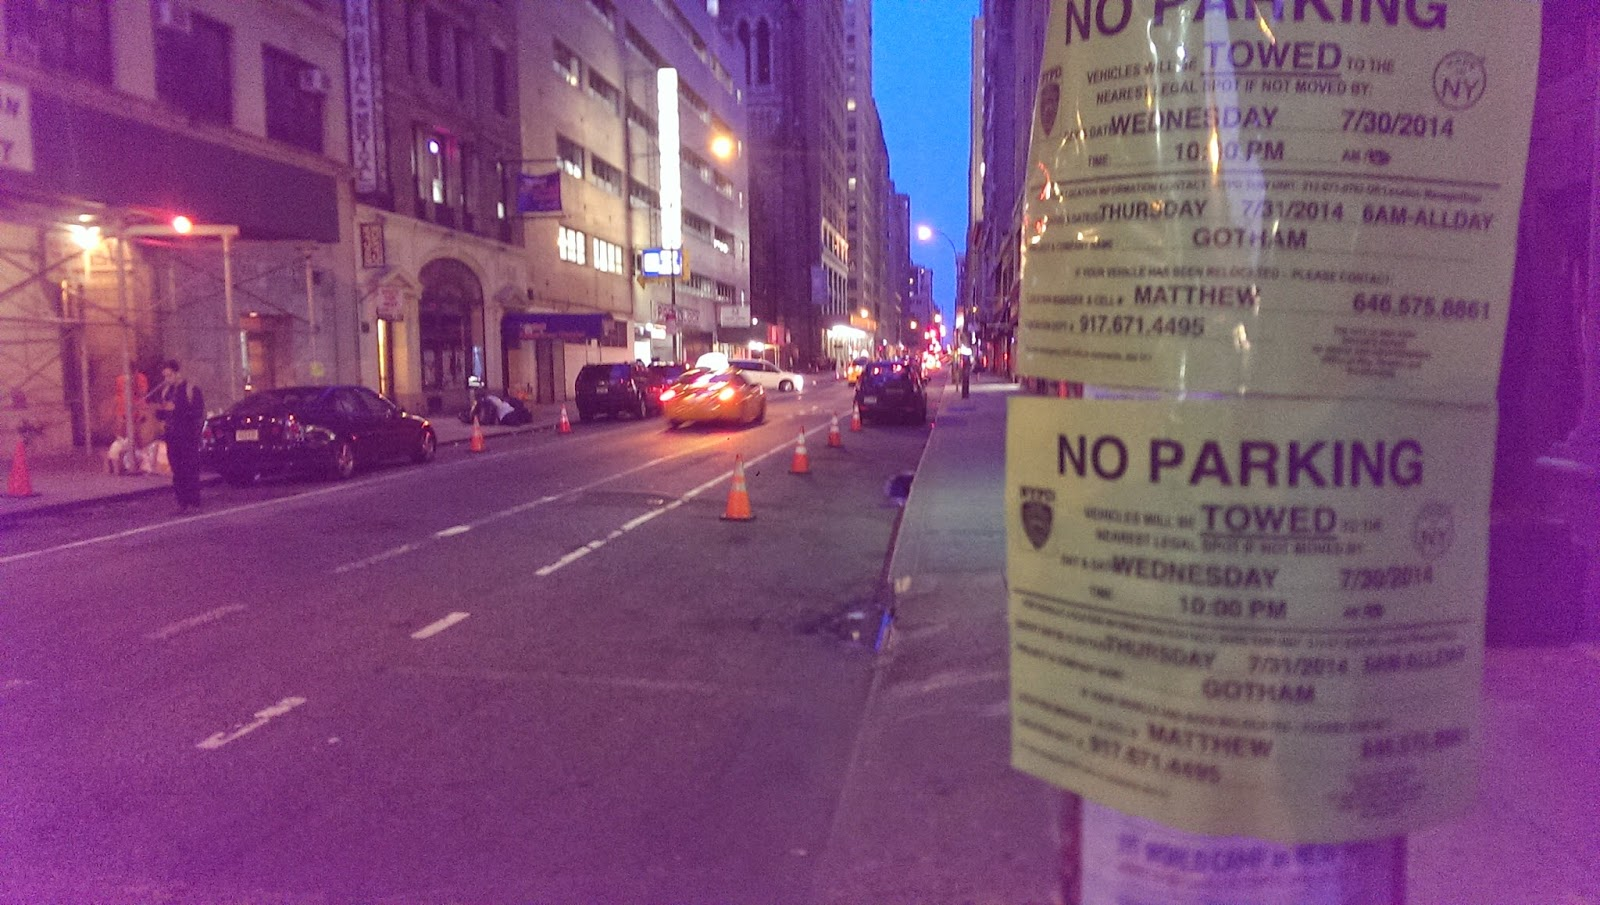 Film location of Gotham TV series